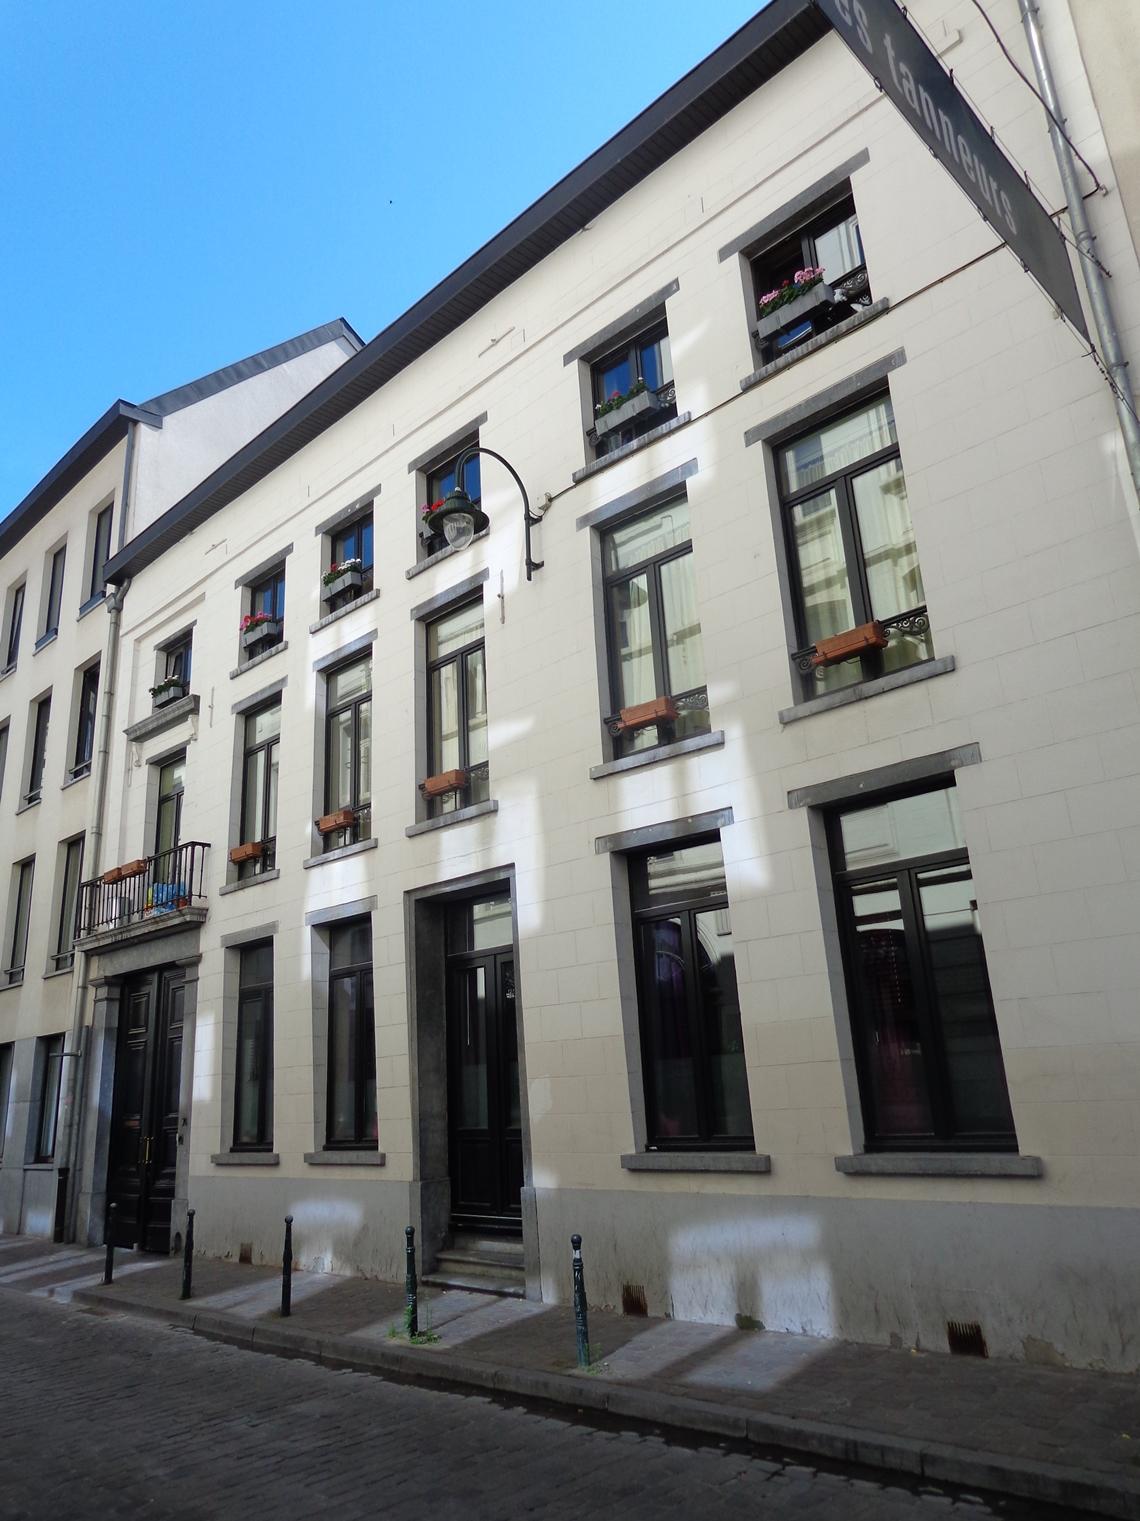 Rue des Tanneurs 74-76, 2015